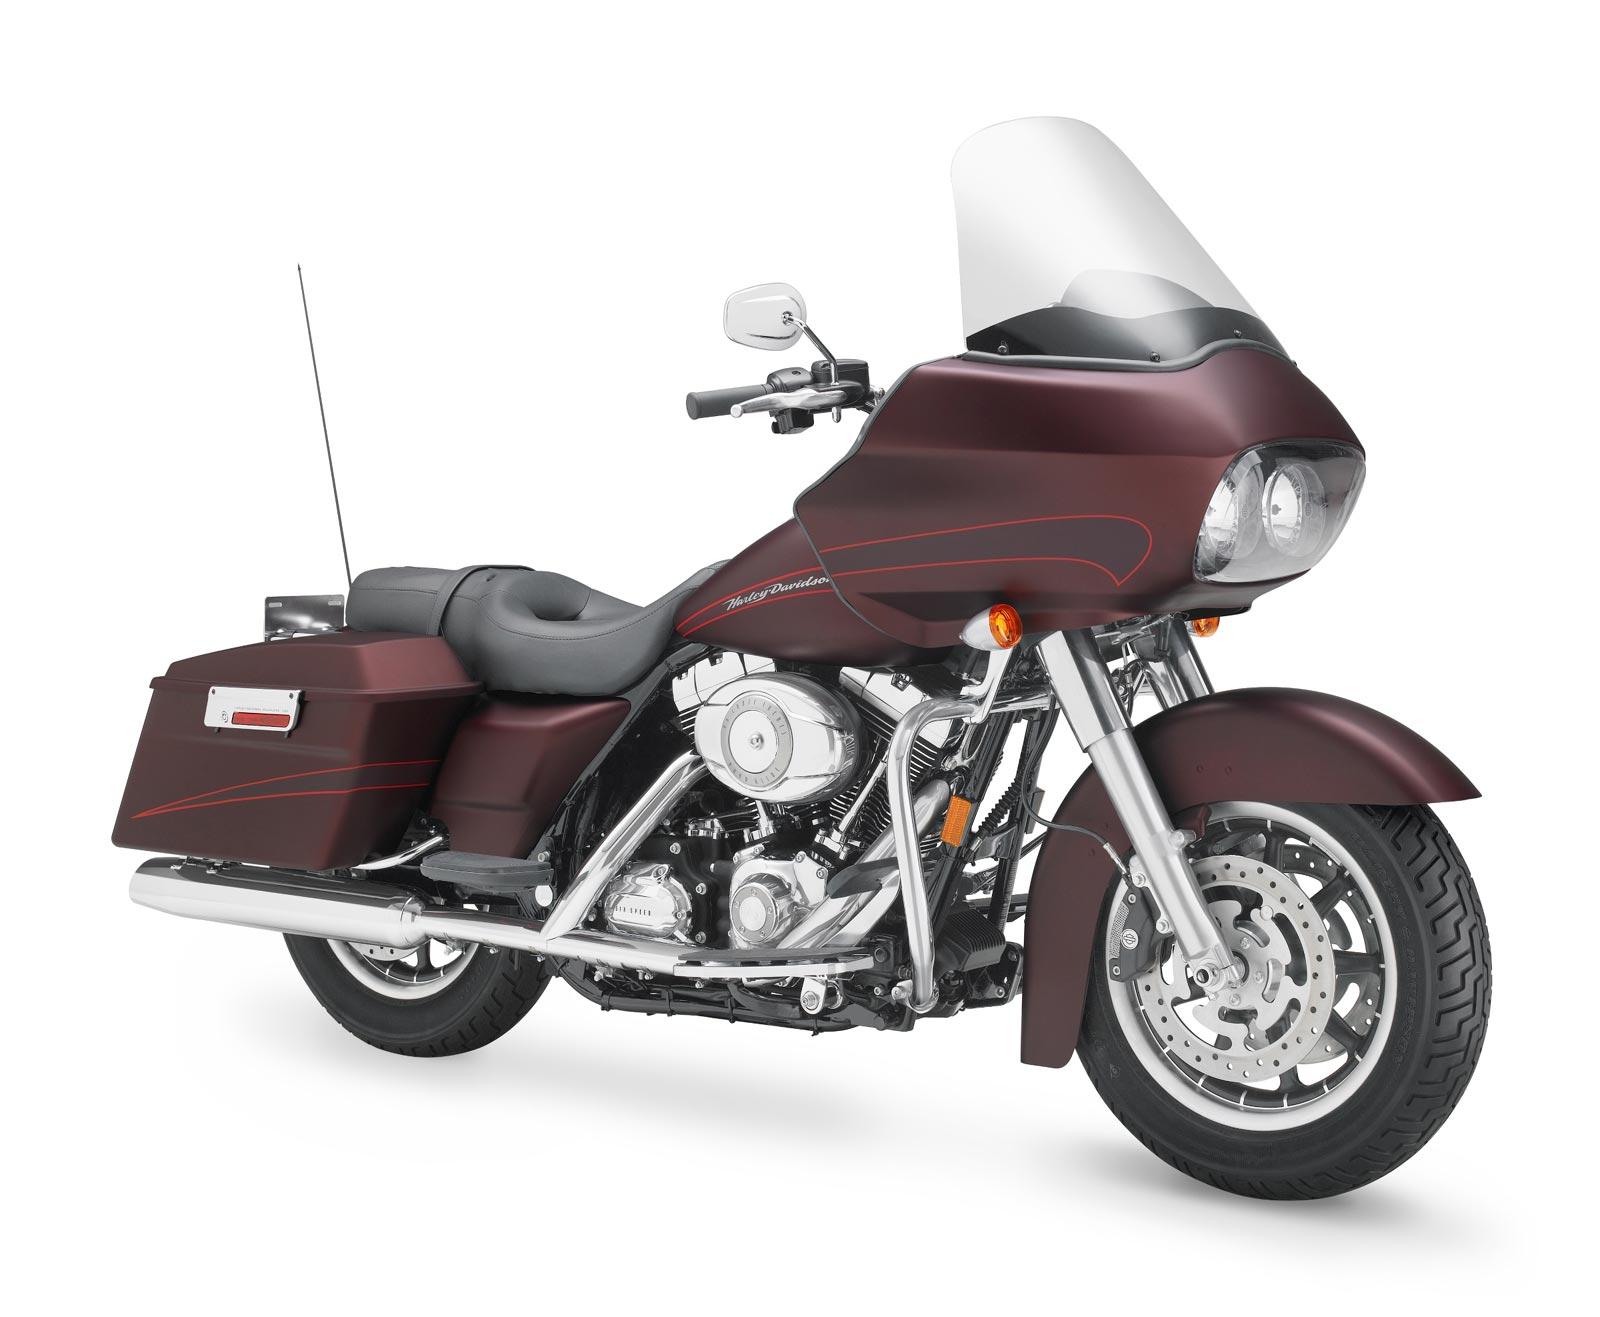 harley davidson road glide specs 2007 2008 autoevolution. Black Bedroom Furniture Sets. Home Design Ideas